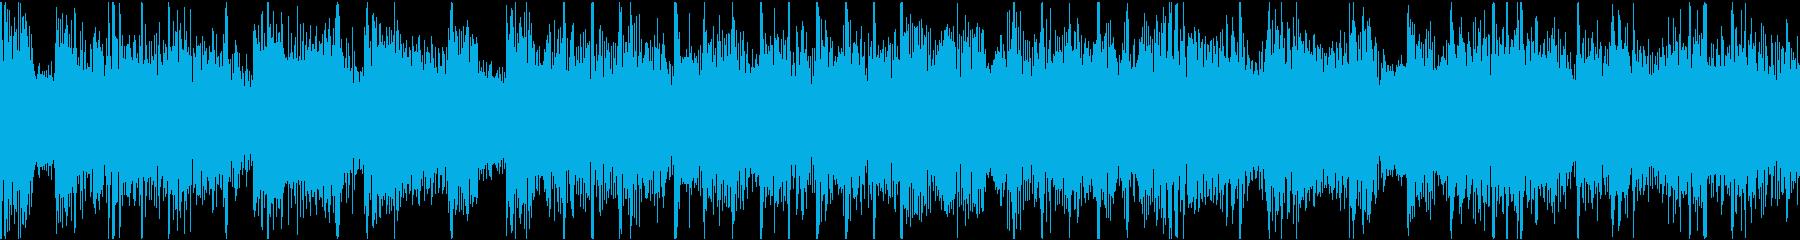 濃厚感あるダイレクトな音楽の再生済みの波形